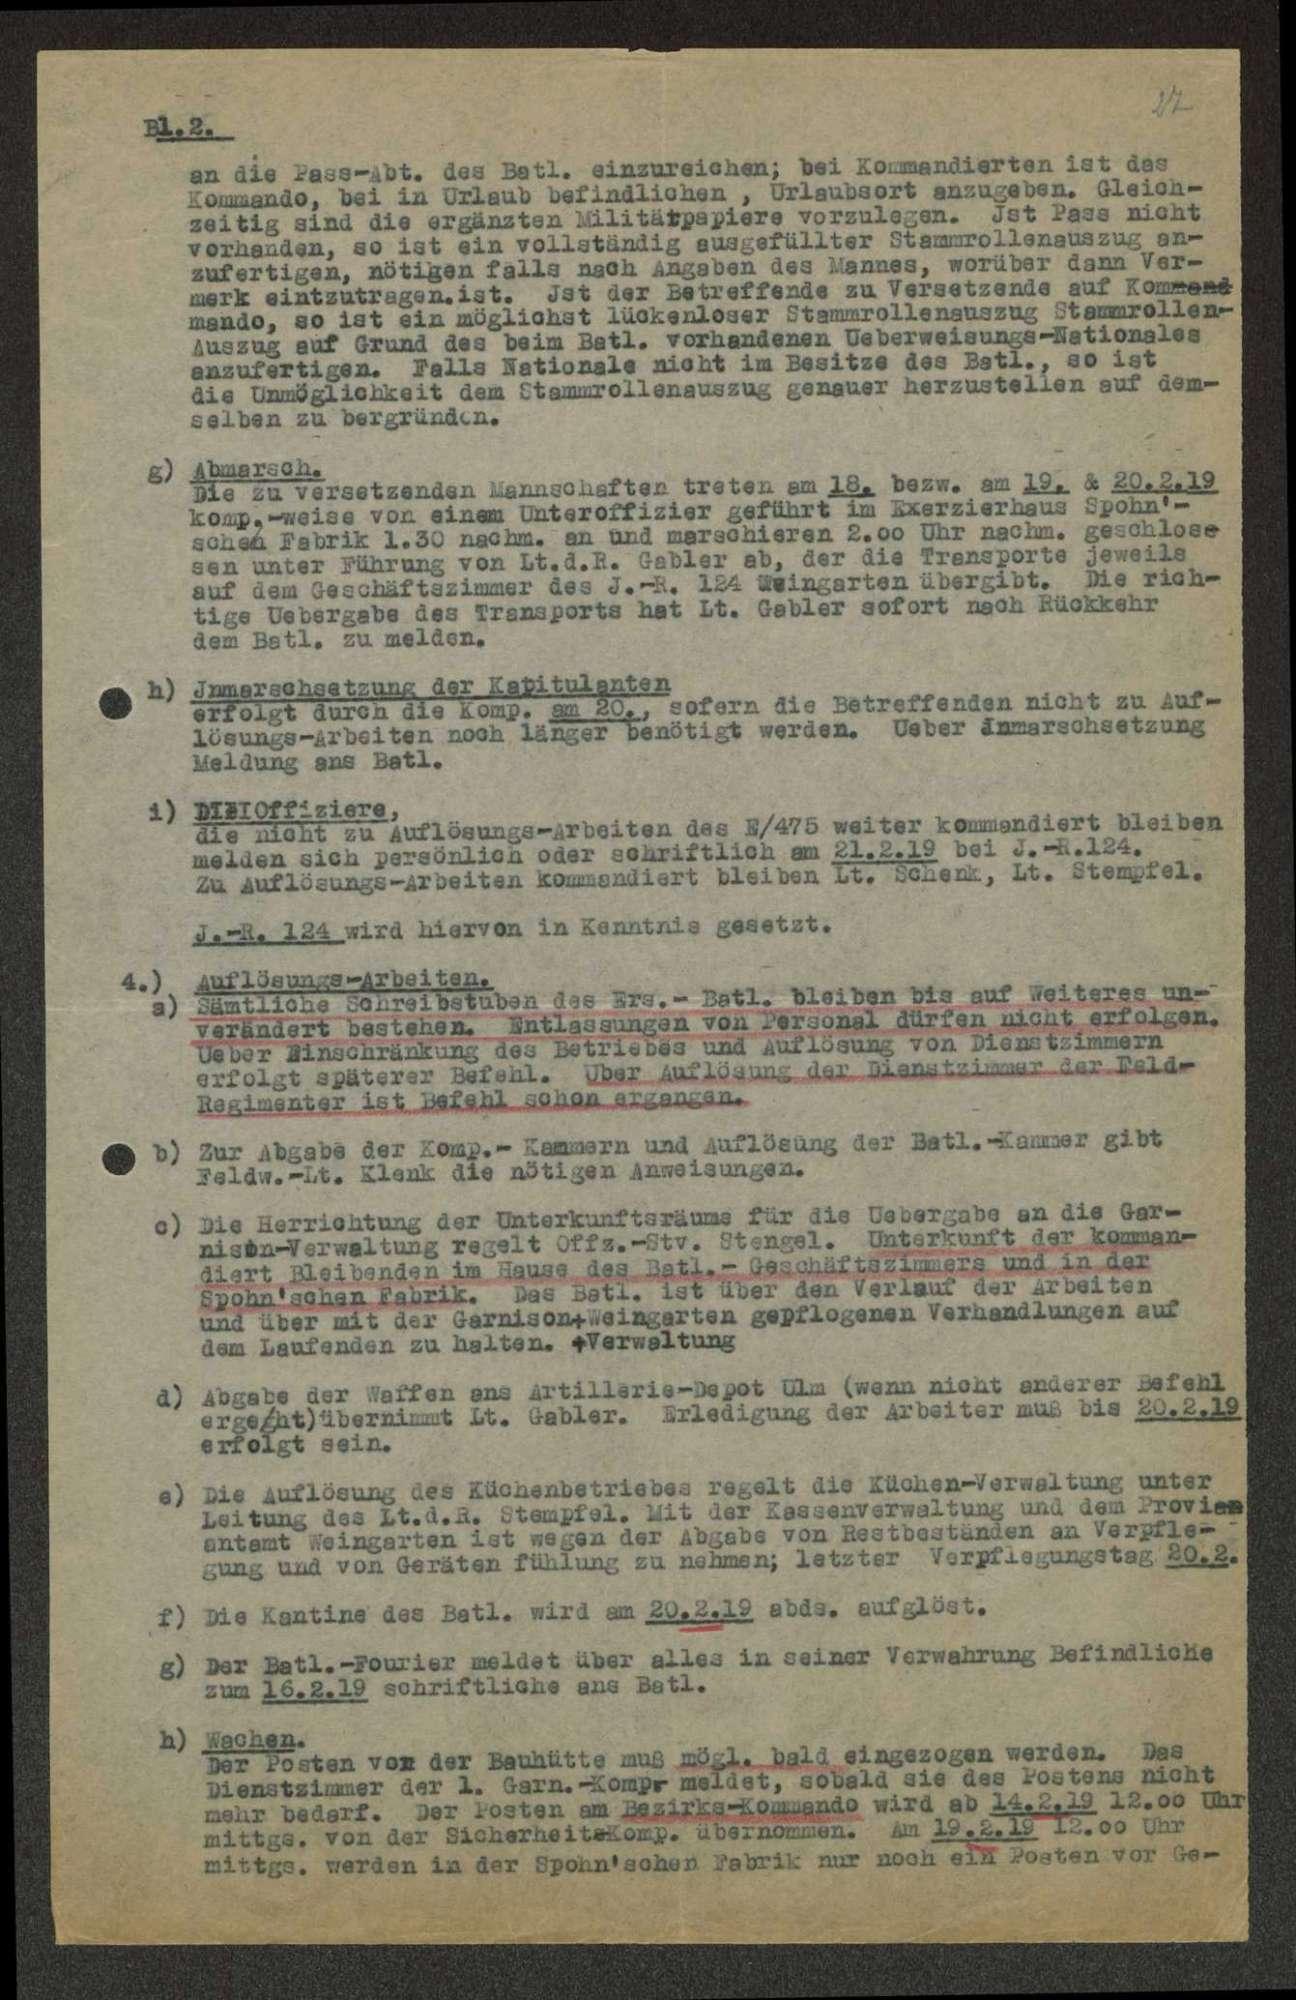 Auflösungsbefehl des Ersatz-Bataillons des Infanterie-Regiments Nr. 475, Bild 2